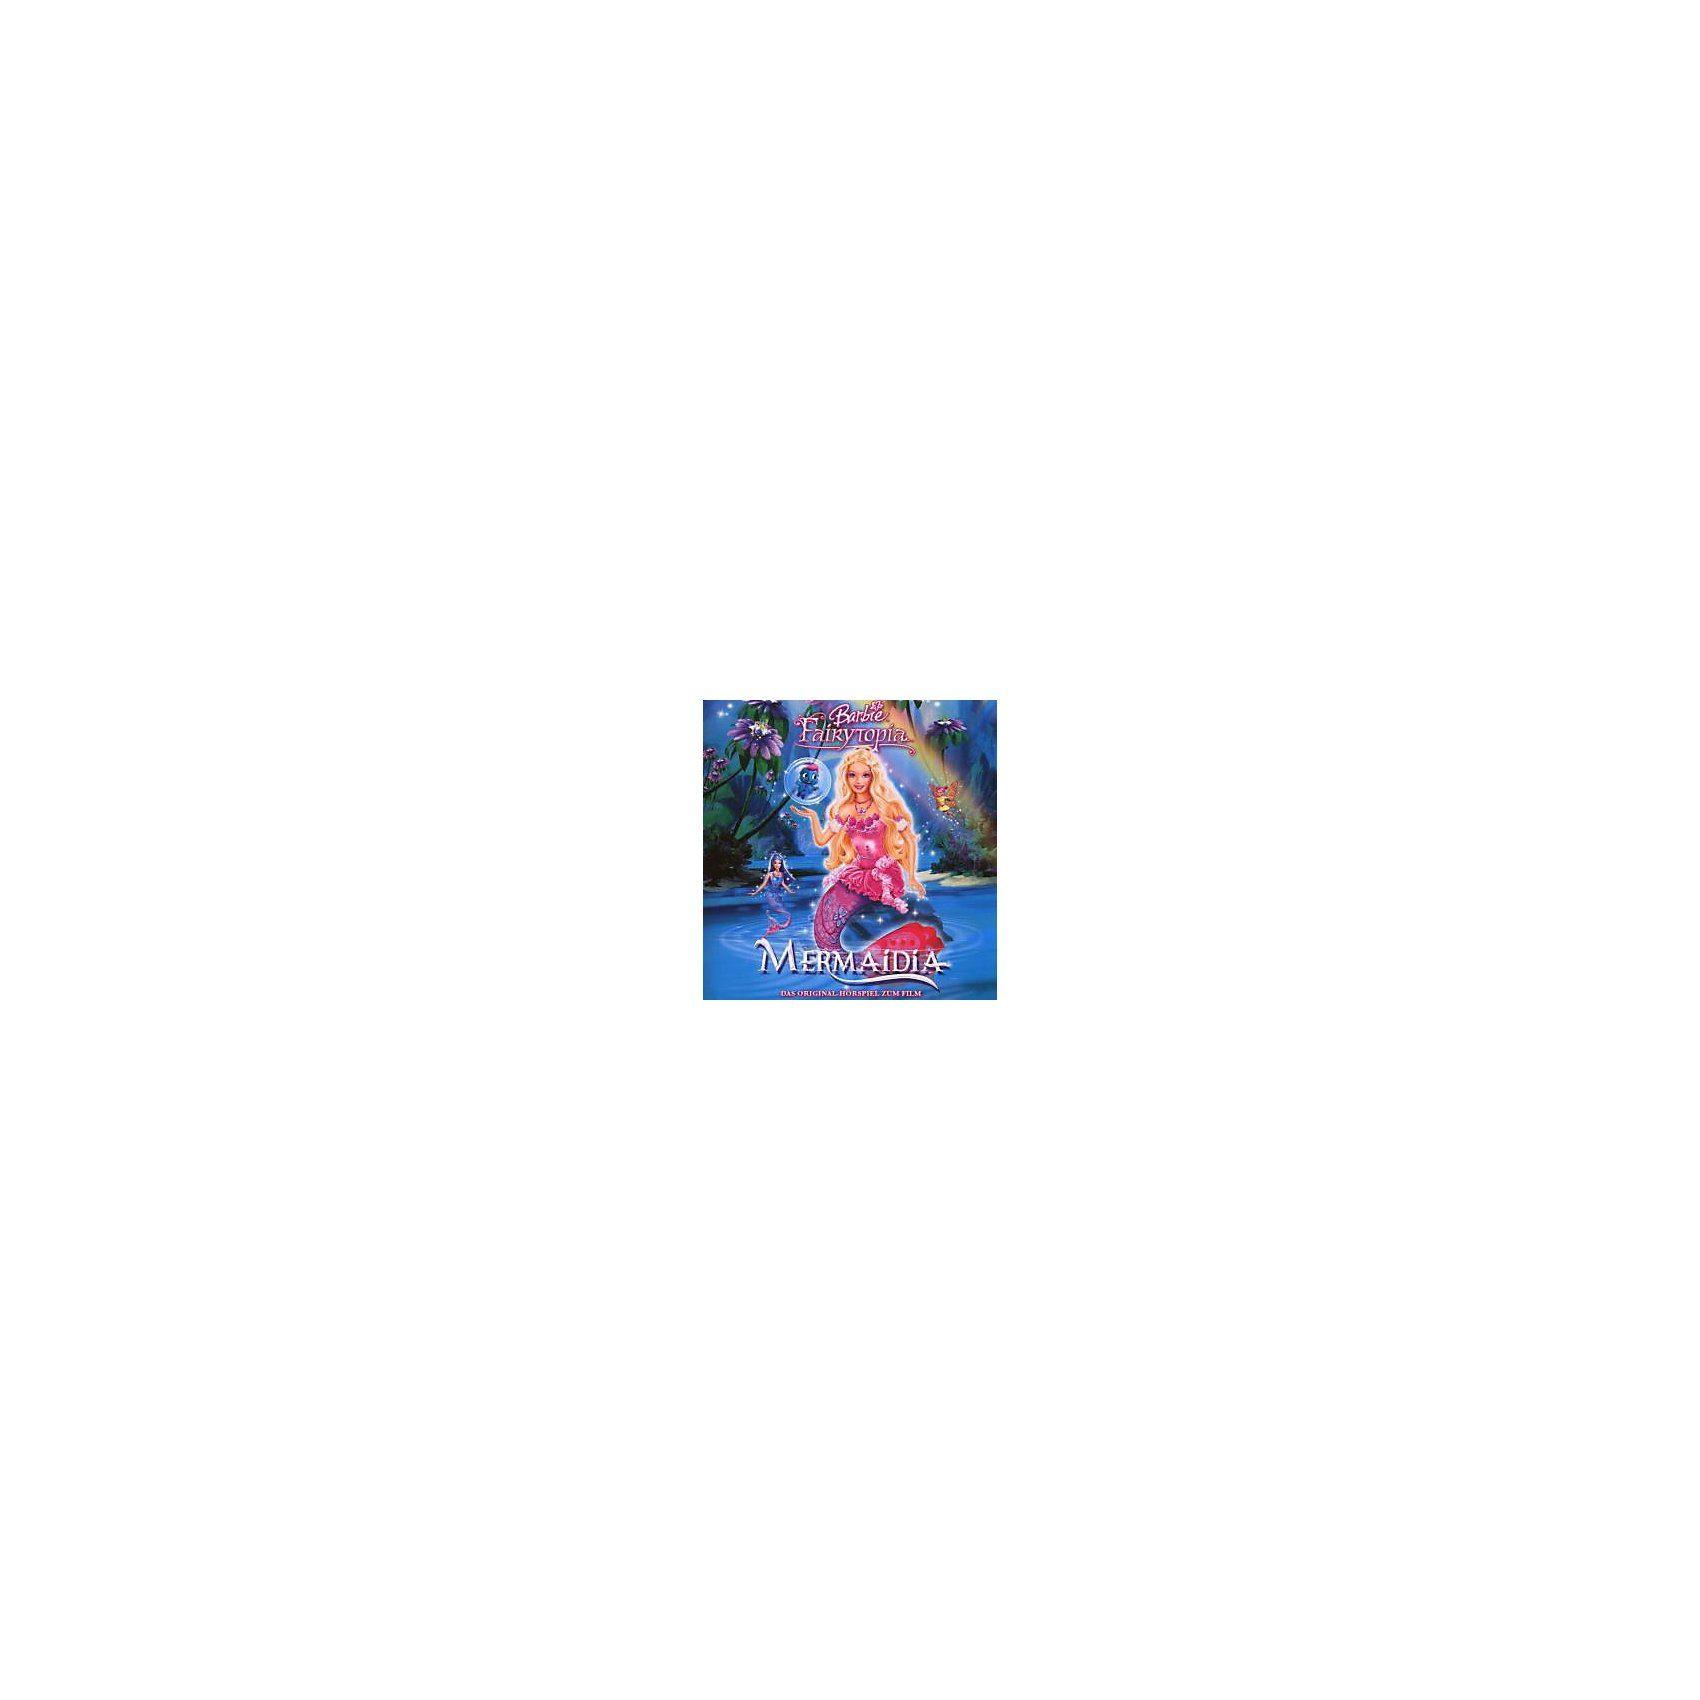 Edel CD Barbie: Mermaidia